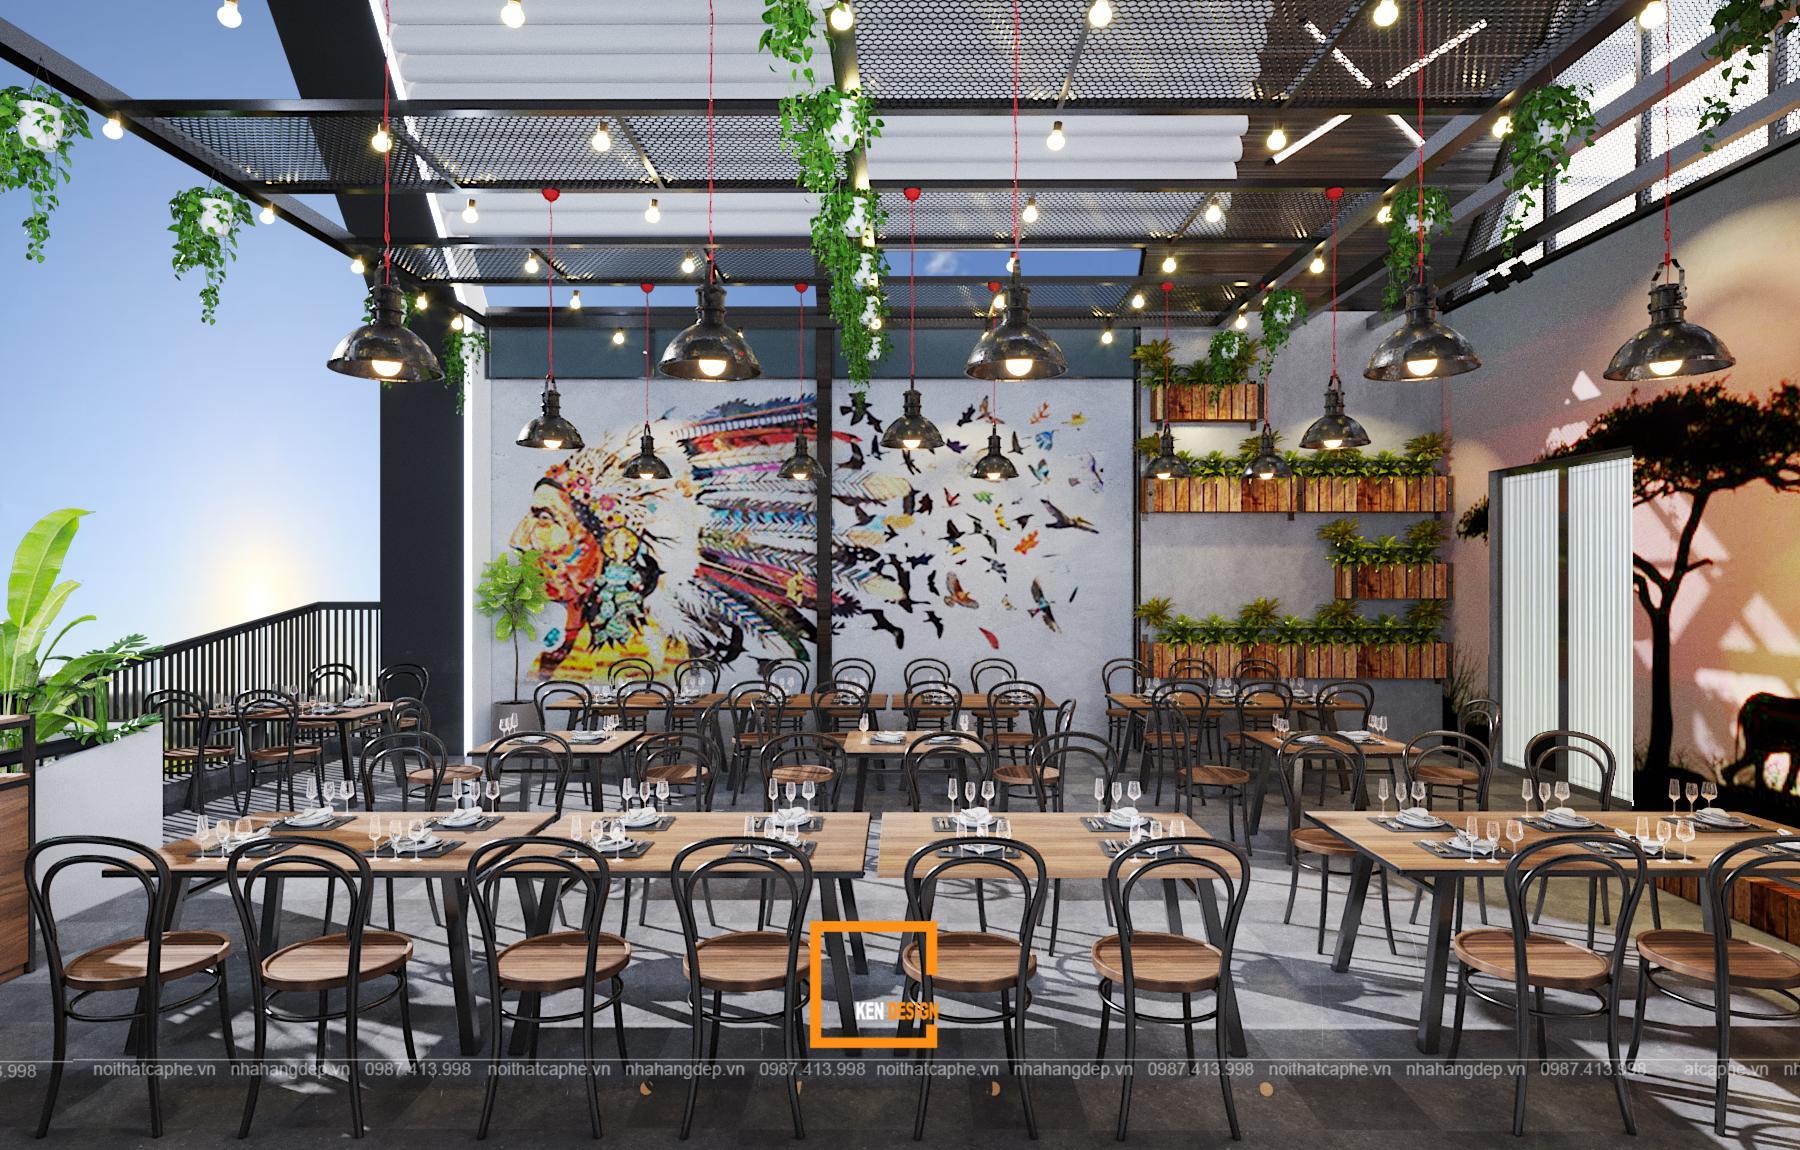 Sai lầm khi thiết kế kiến trúc nhà hàng không nên mắc phải